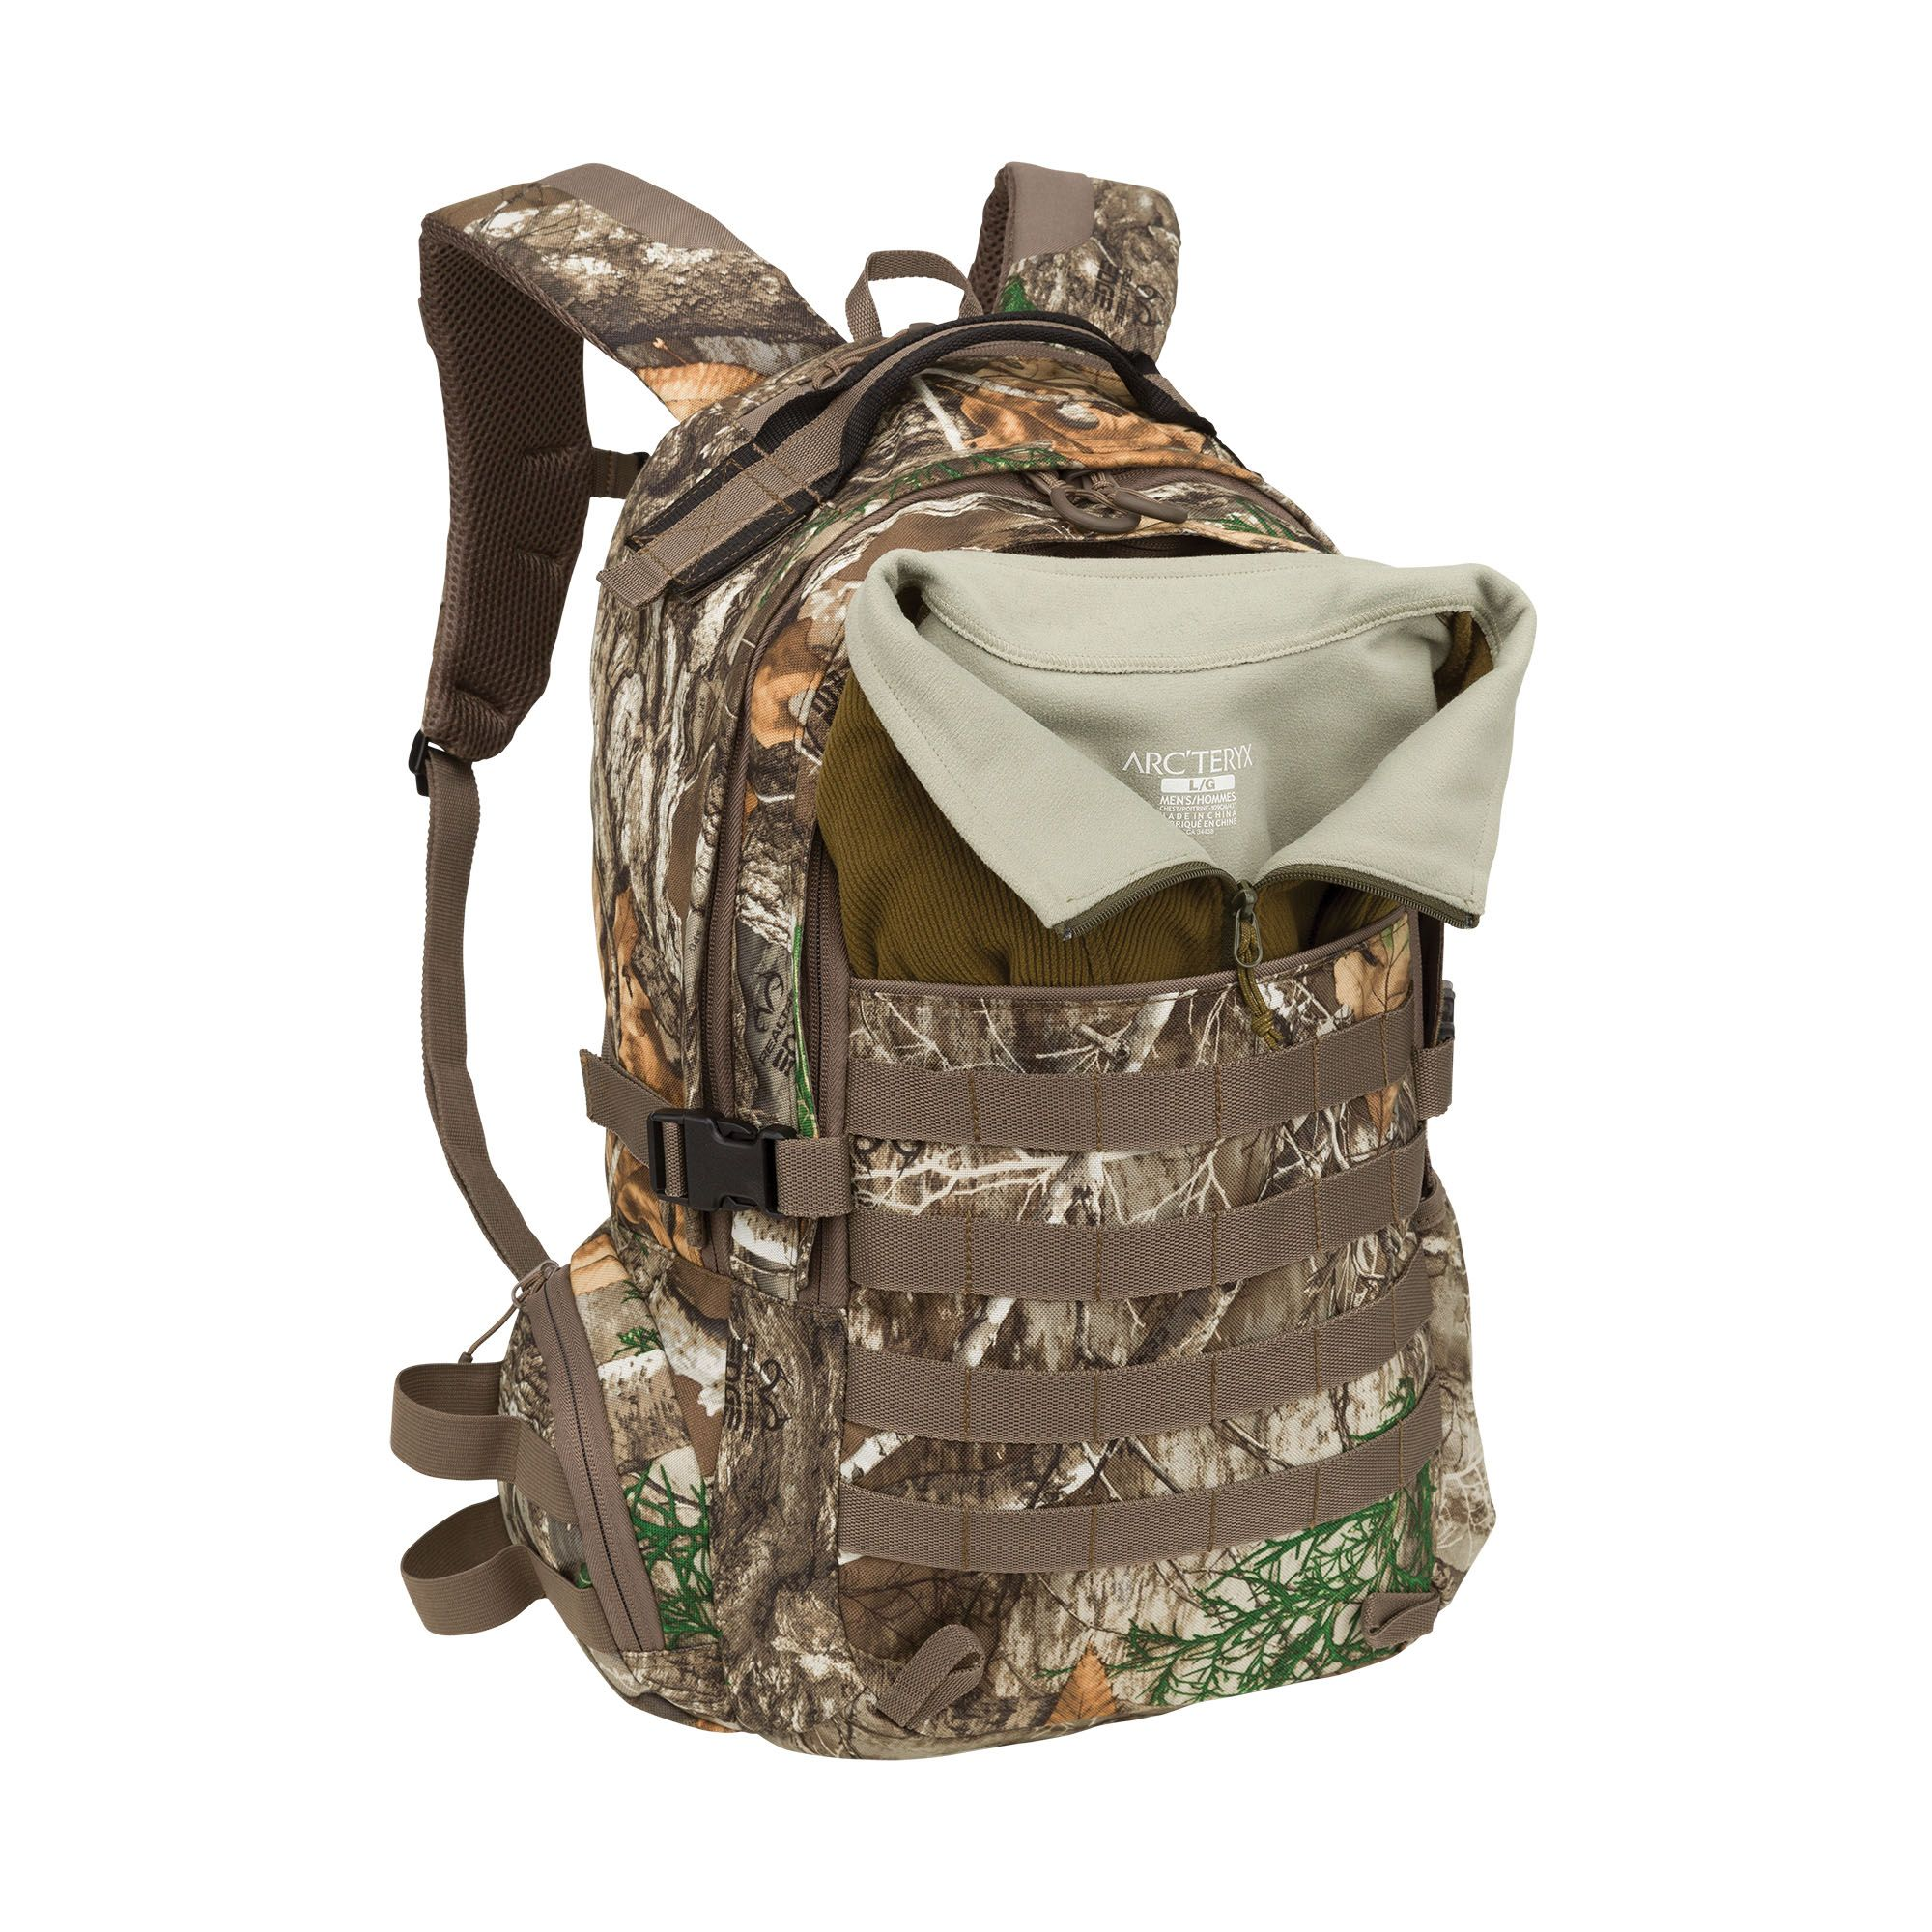 Fieldline Pro Series Prey Hunting Backpack Realtree Edge